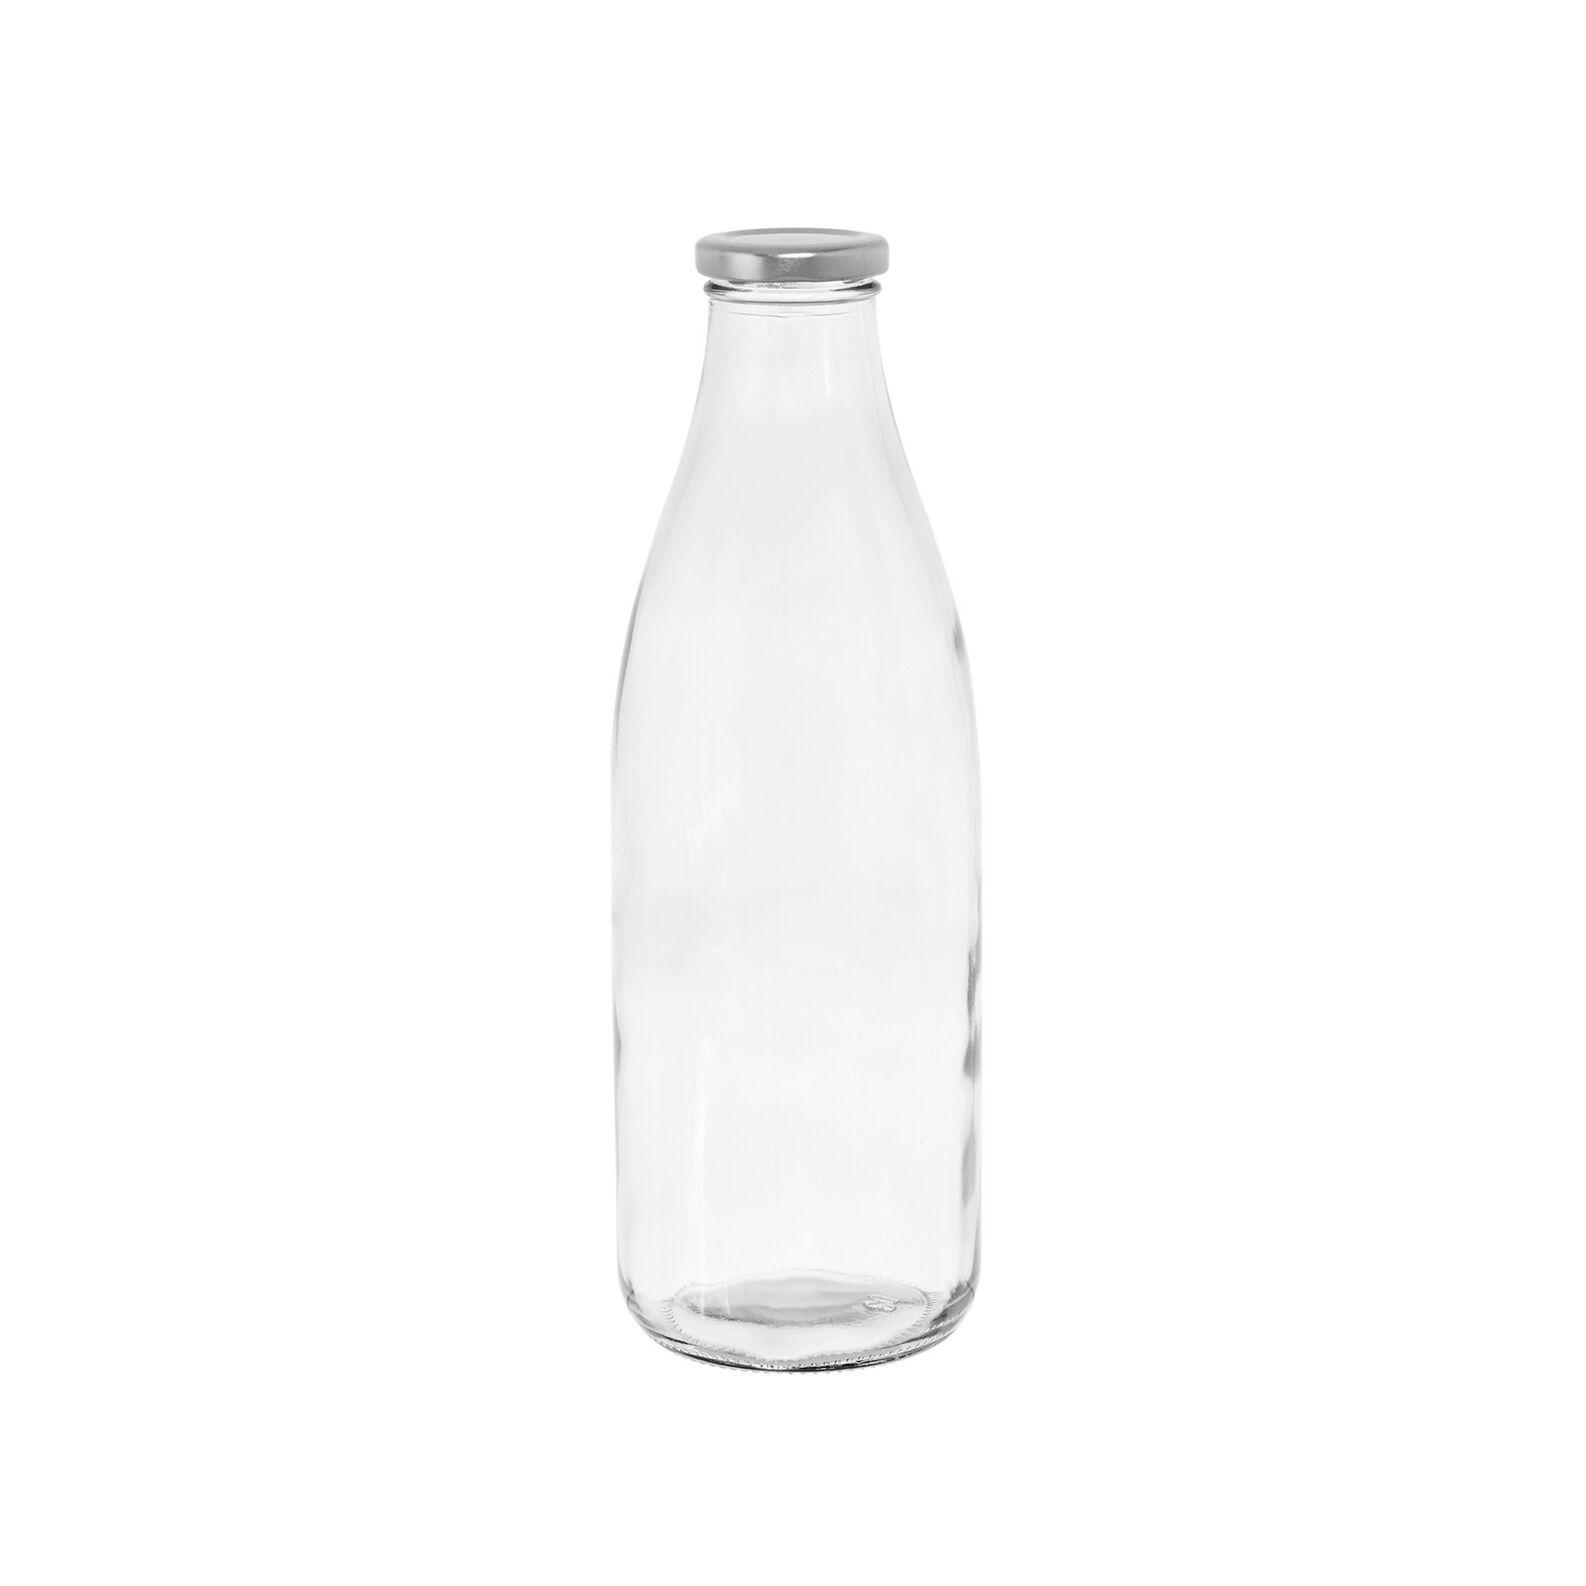 Clear glass milk bottle